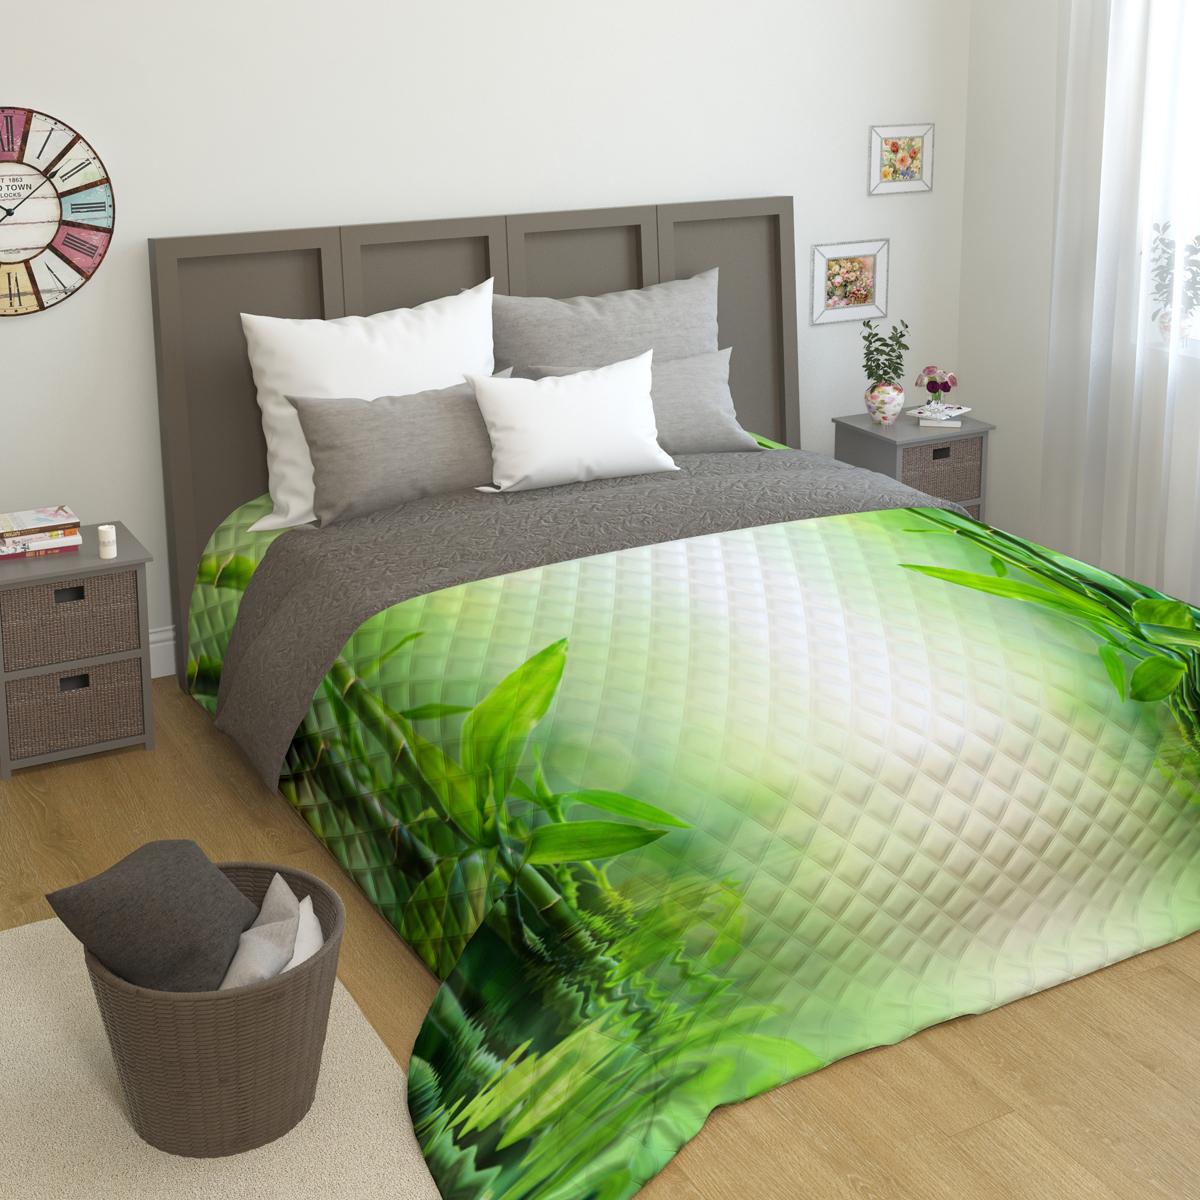 """Стеганое покрывало """"Сирень"""" - это правильный выбор для любой хозяйки. Стеганые покрывала выгодно преобразят дизайн любого интерьера спальни. При изготовлении используется плотная микрофибра. В сочетании со стильным и четким рисунком, созданным с помощью 3D фотопечати, стеганые покрывала всегда будут отличным приобретением для вашей спальни и подарком для друзей и близких! Рисунок стежки выполнен современным способом Ультрастэп (без использования ниток). Использование данного способа стежки защищает от миграции волокна во время стирки в деликатном режиме при температуре 30°С. Наволочки в комплект не входят. Покрывало легко стирать при 30-40°С, гладить при 150°С, не отбеливать. Цвет покрывала в комплектации может немного отличаться от представленного на фото."""